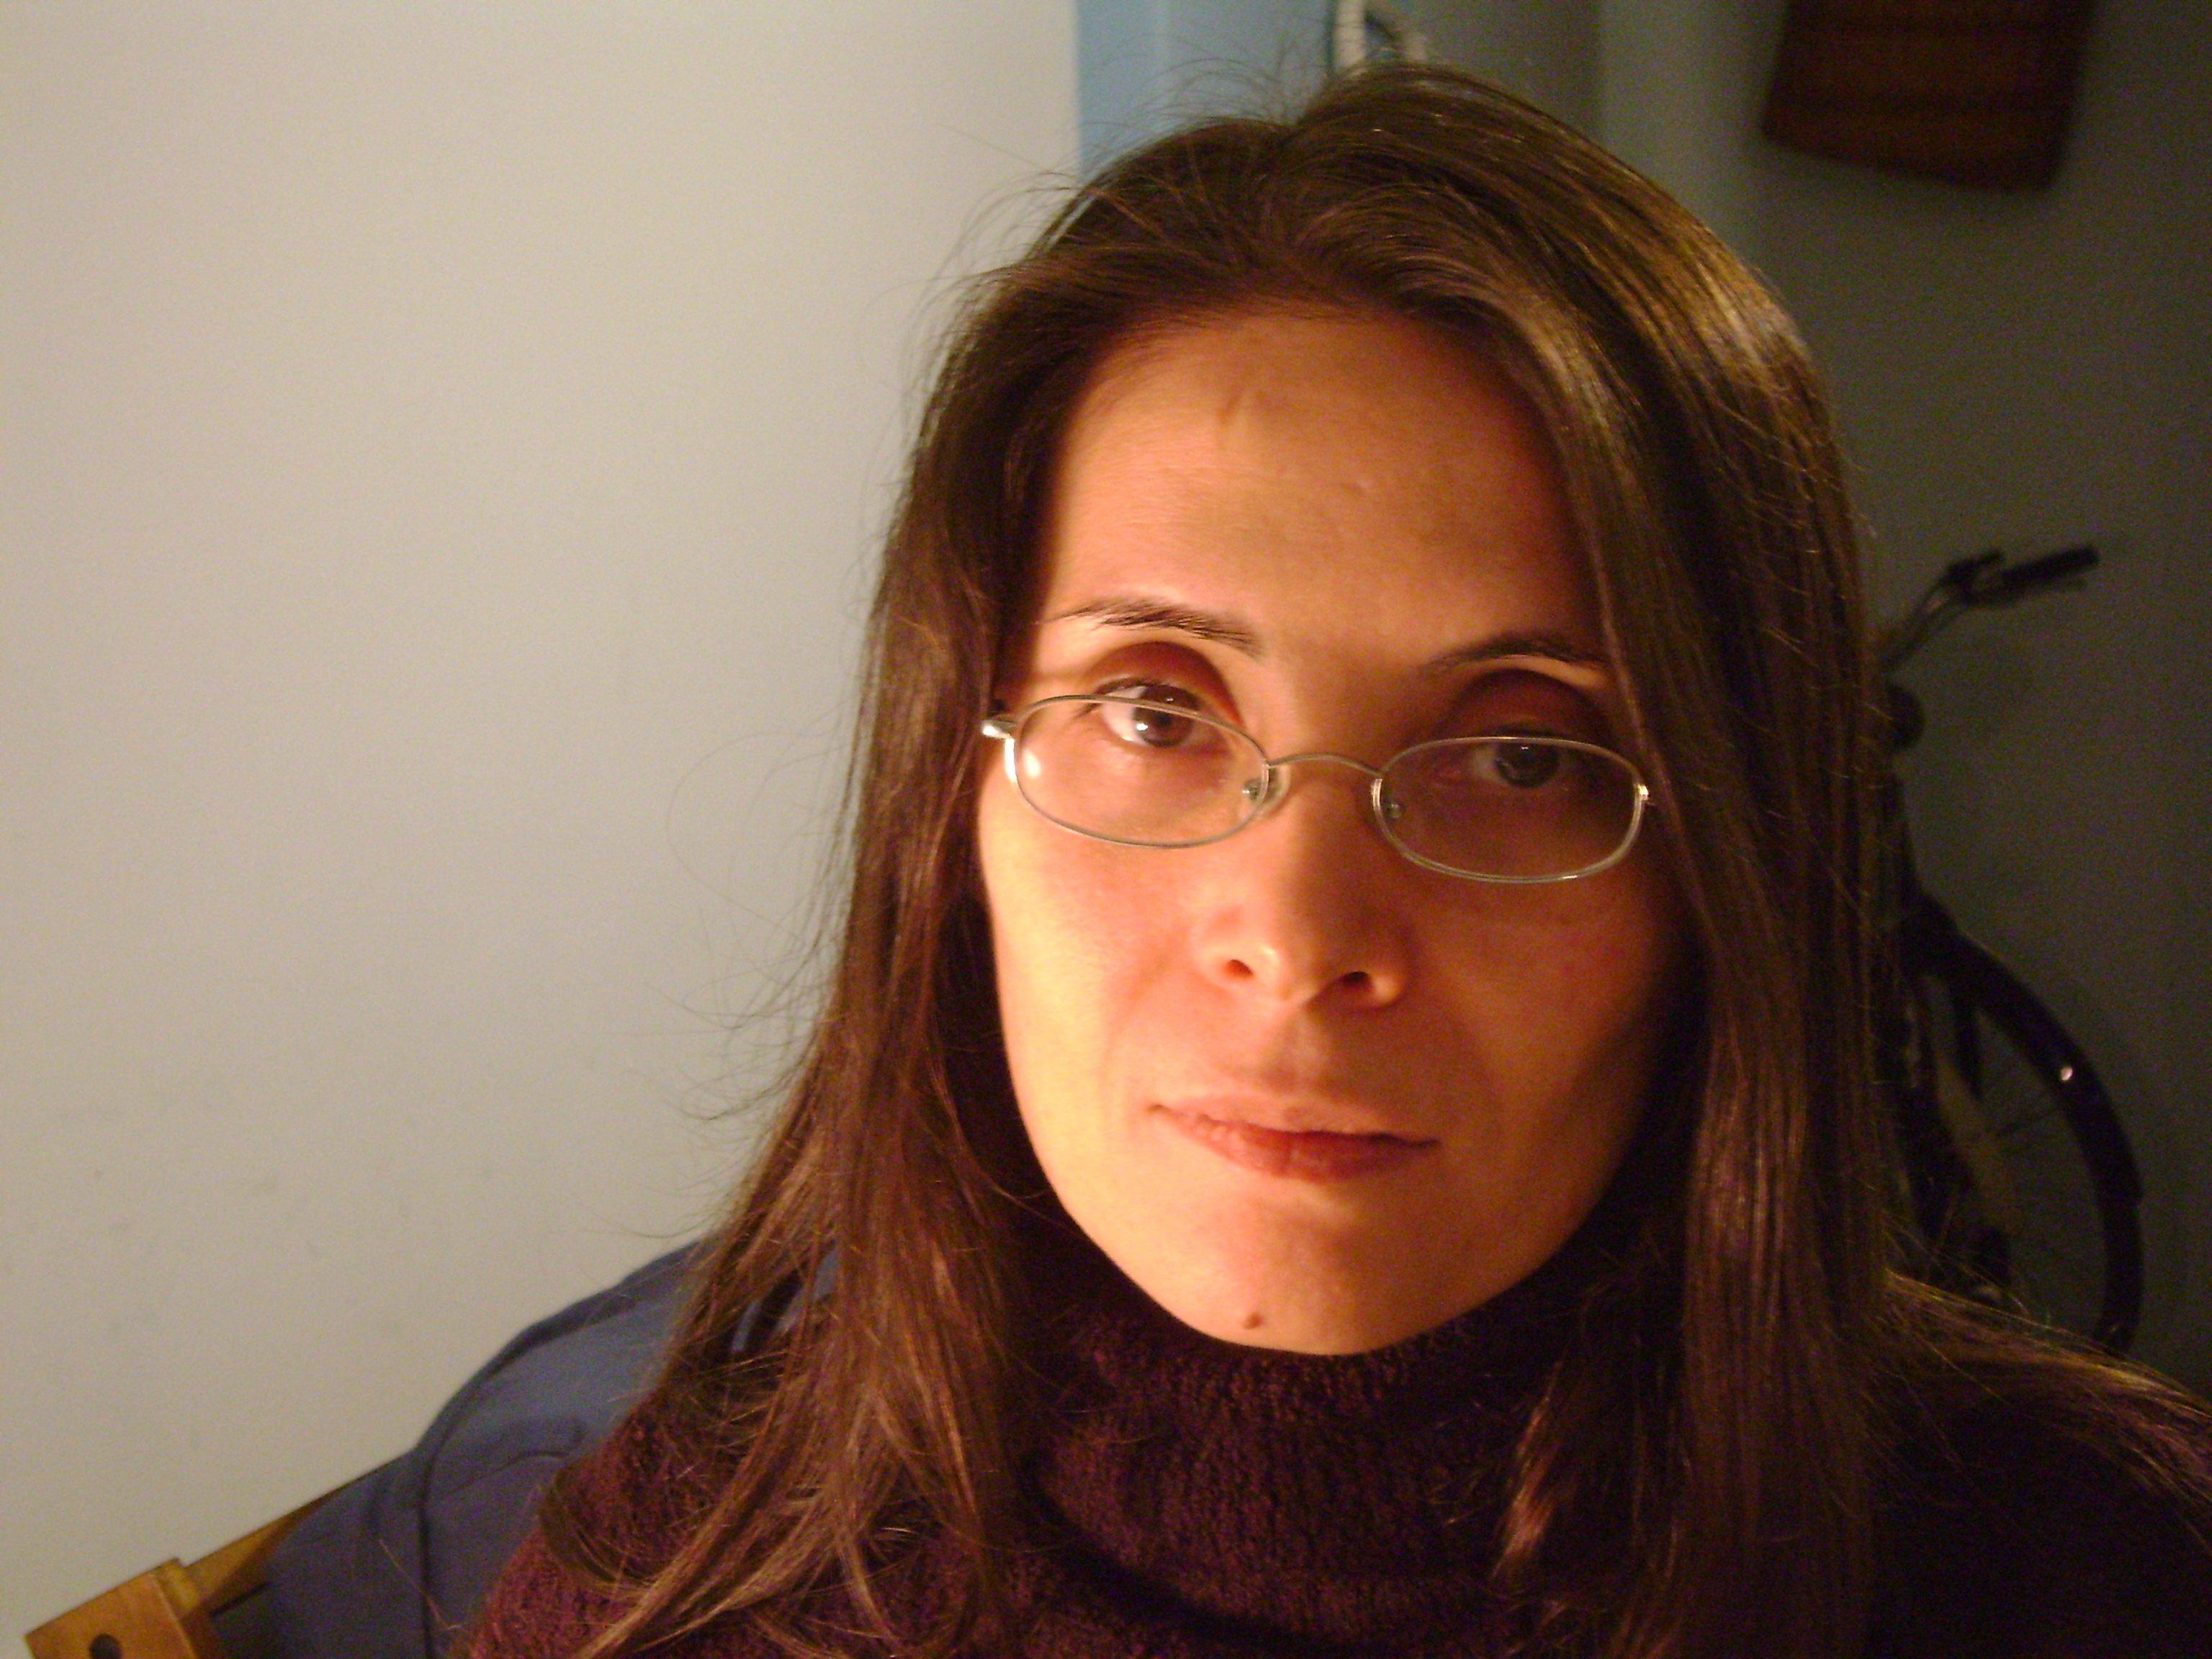 contactos mujeres maduras en barcelona